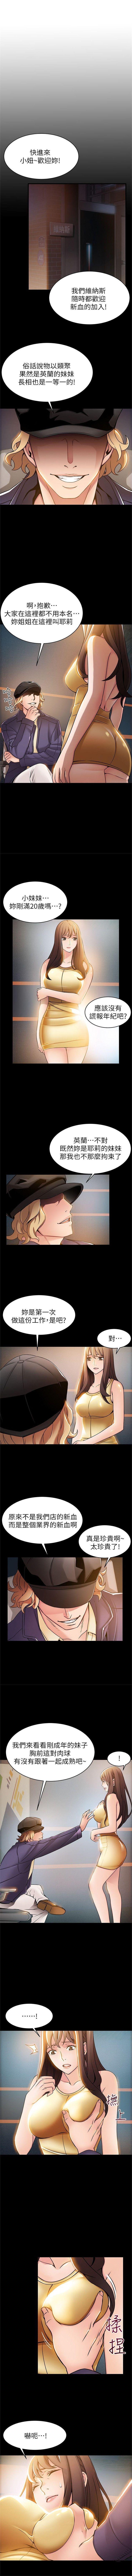 弱點 1-101 官方中文(連載中) 95